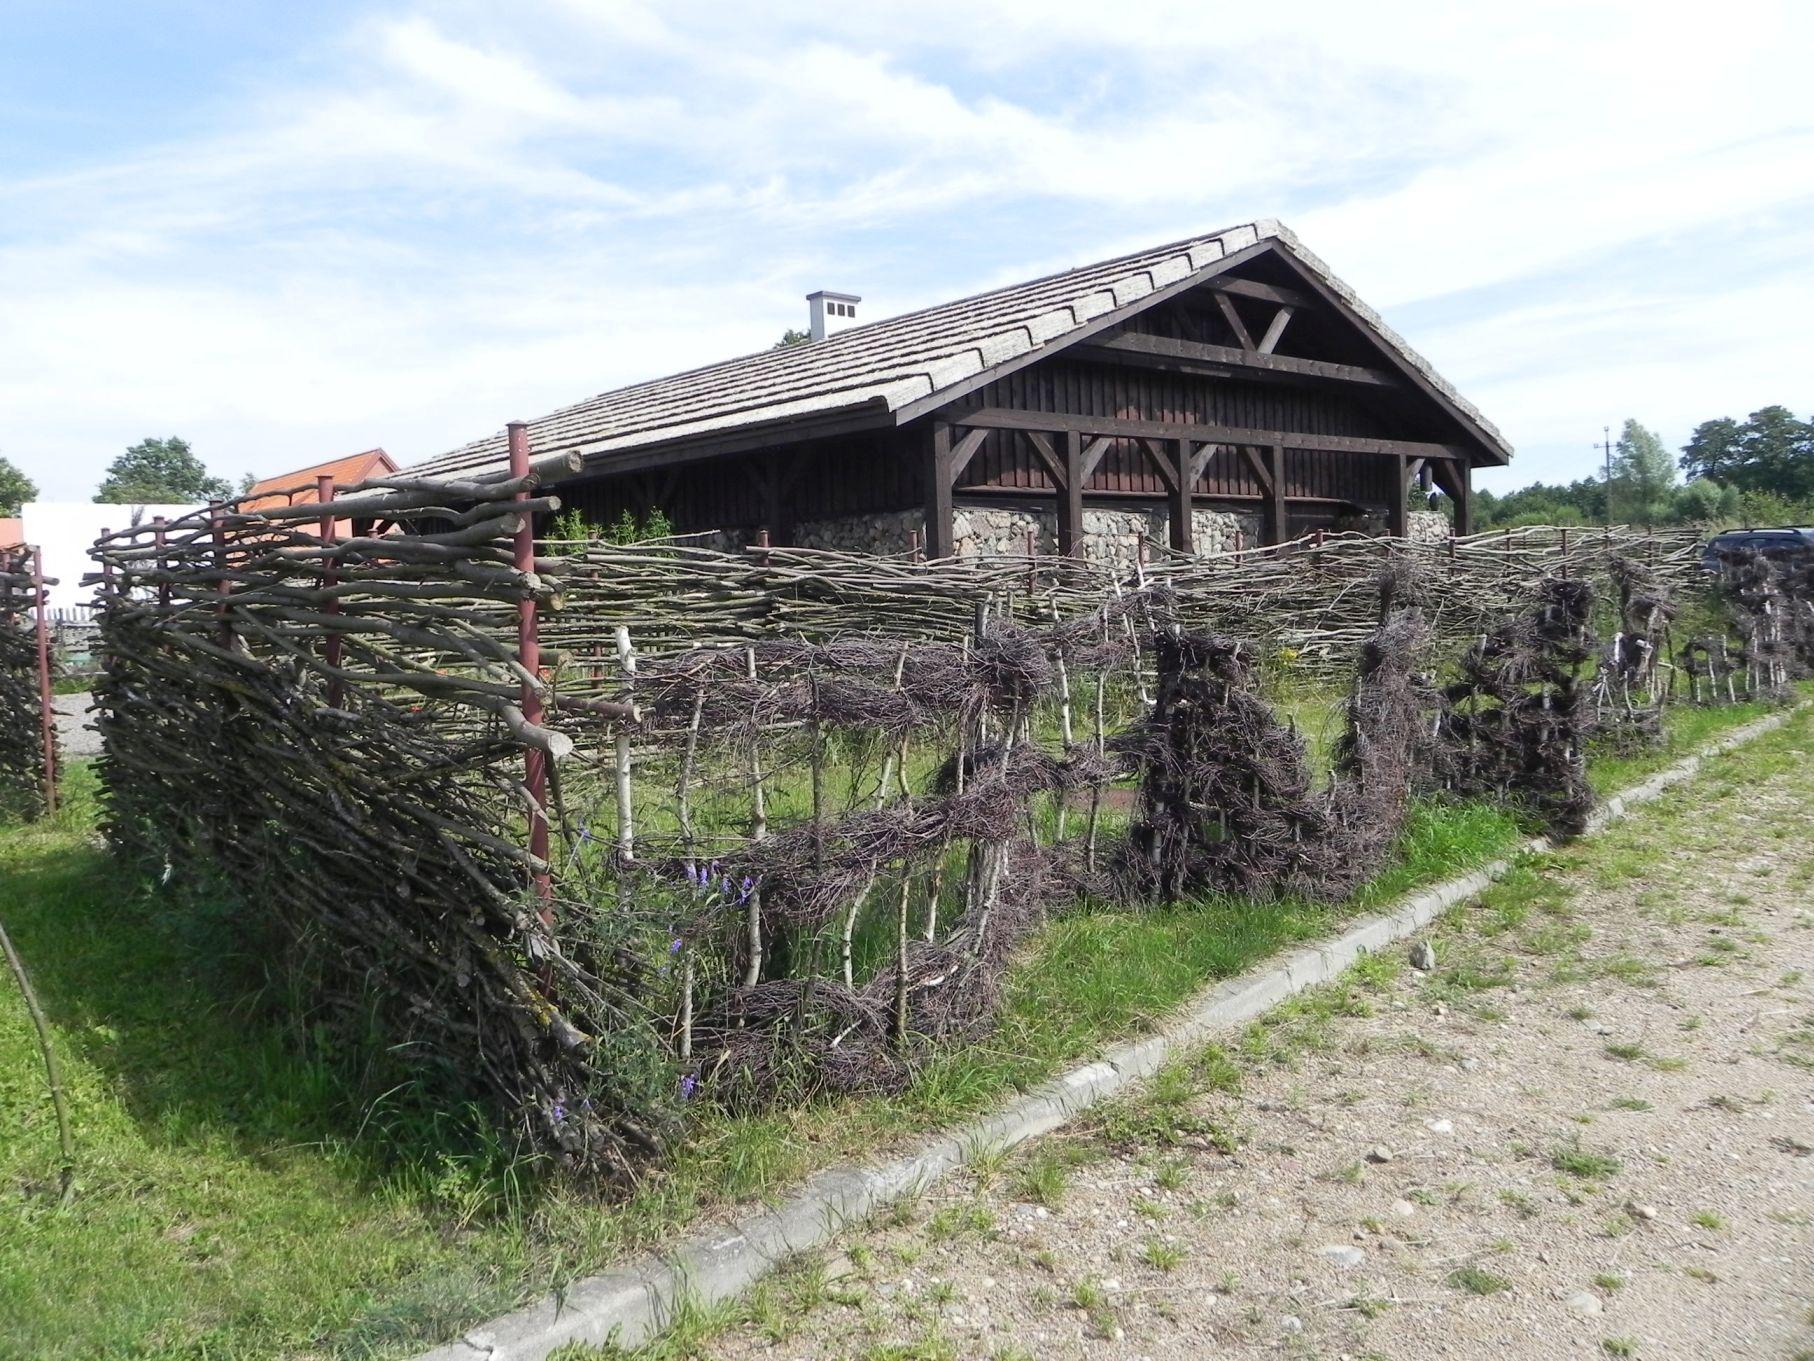 Kamionka - wioski tematyczne (24)